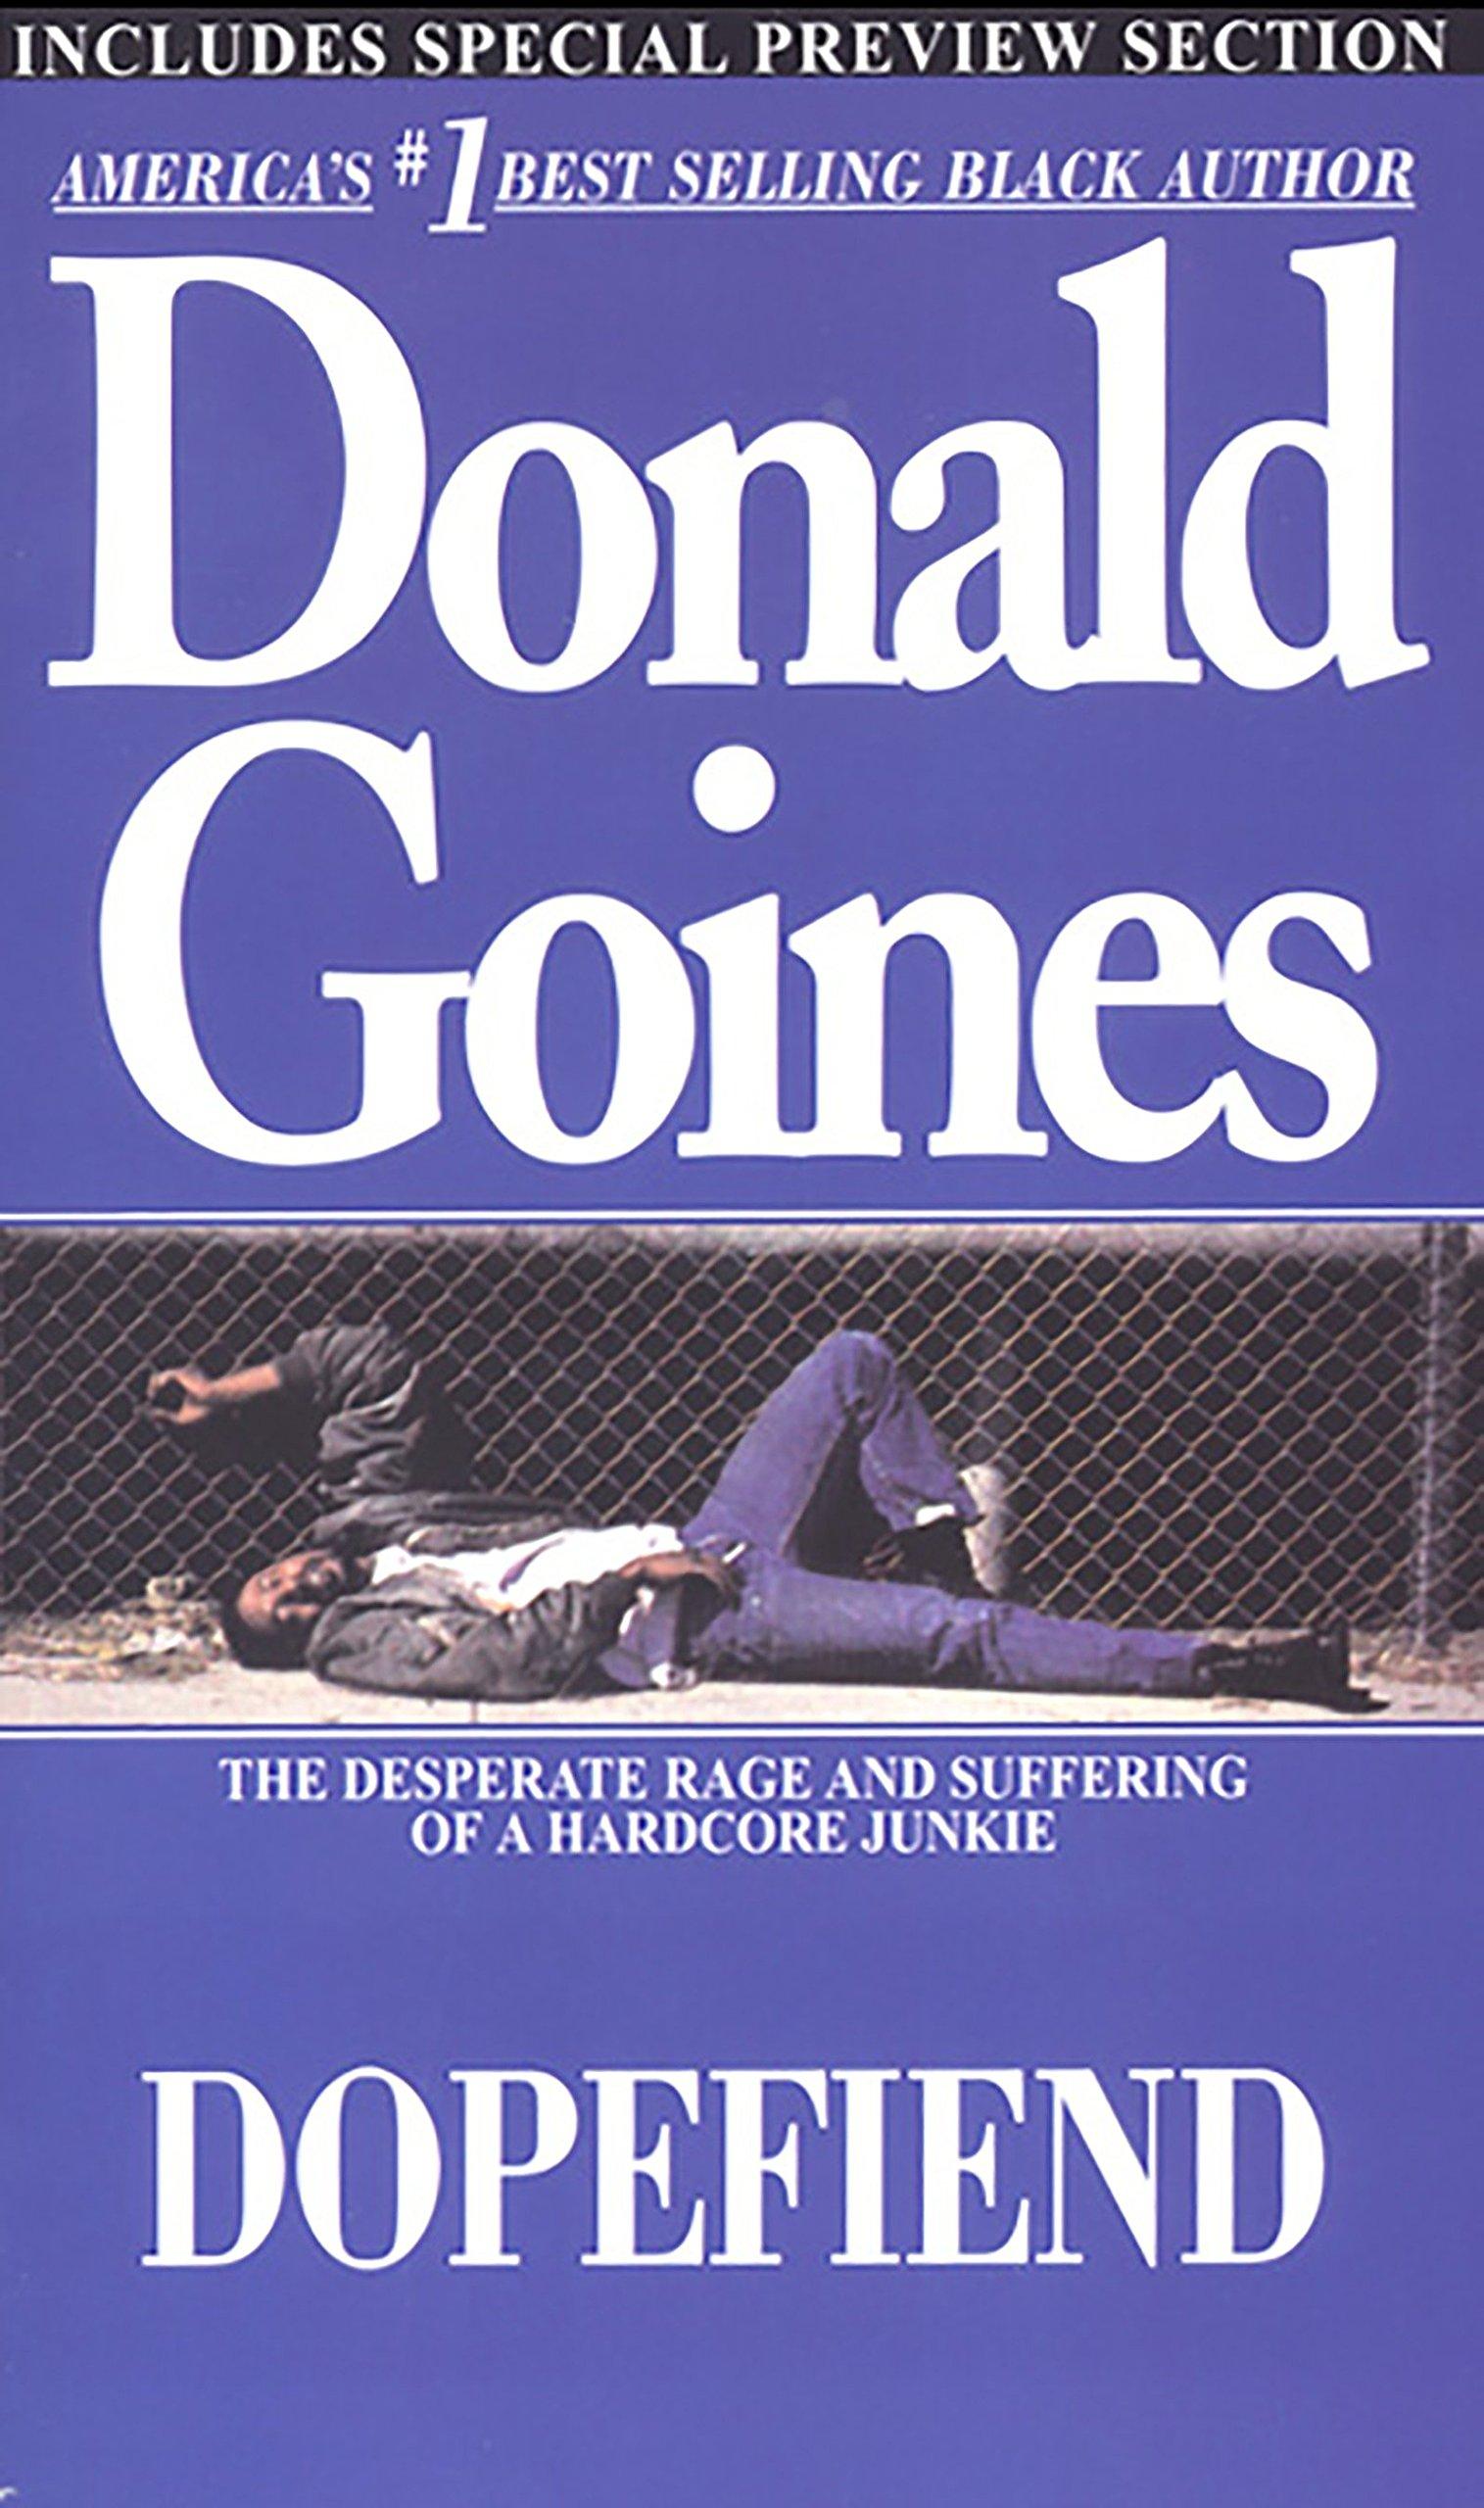 DONALD GOINES EBOOK EBOOK DOWNLOAD